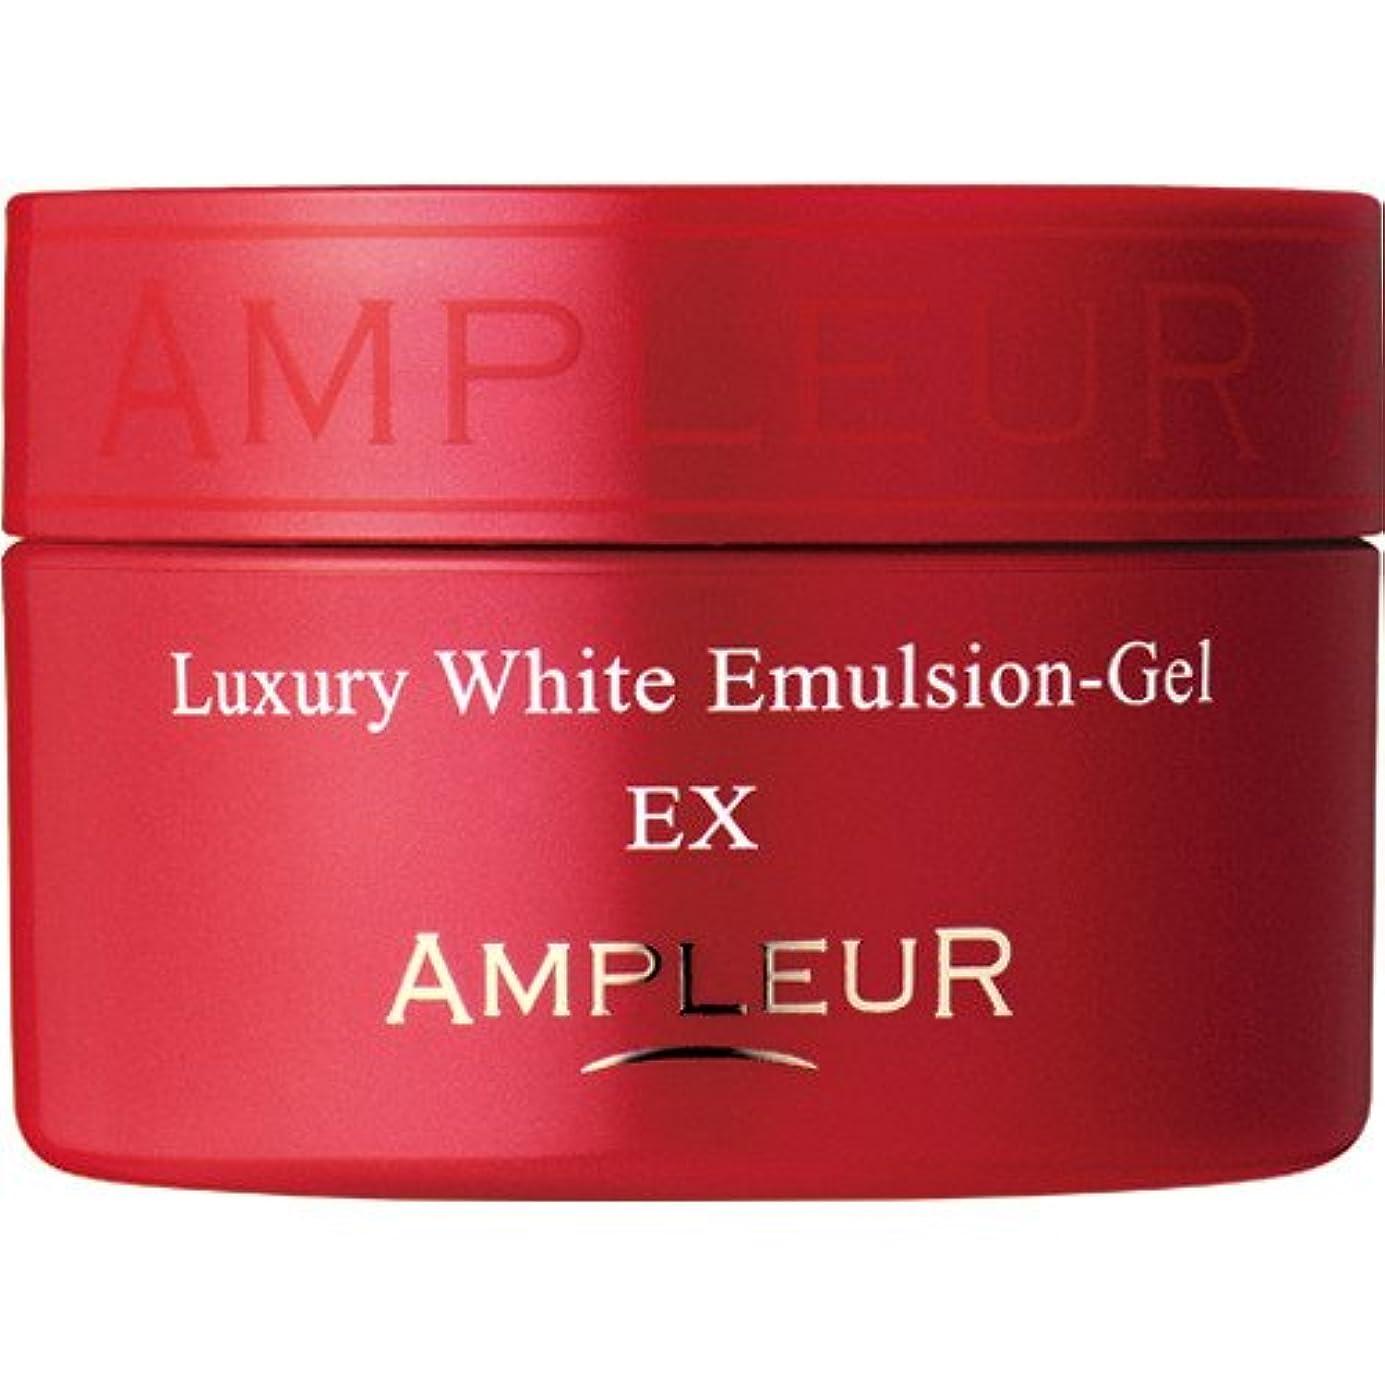 返還和解する溶けるAMPLEUR(アンプルール) ラグジュアリーホワイト エマルジョンゲルEX 50g